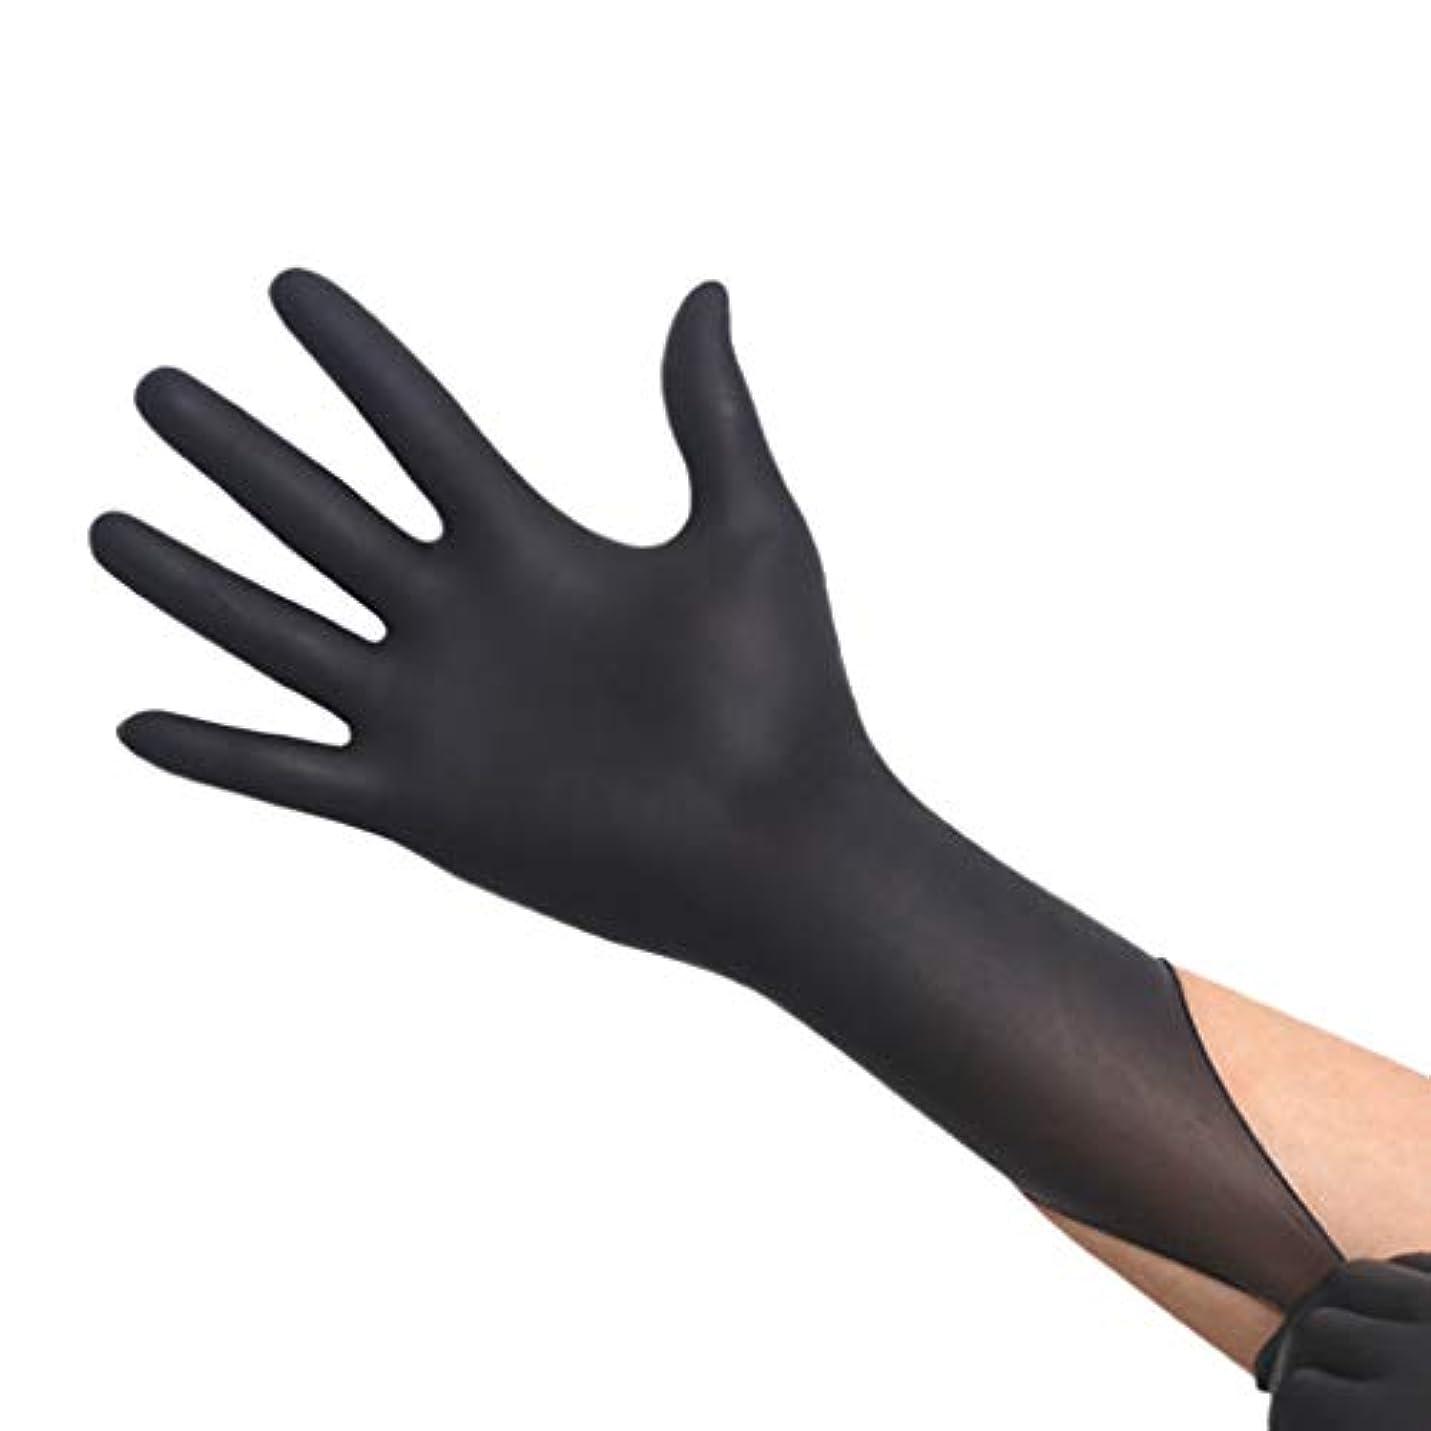 実行無数の有望厚手の耐摩耗性使い捨てブラックニトリル手袋 - 耐酸性美容サロン手袋、50ペア/箱 YANW (色 : ブラック, サイズ さいず : L l)